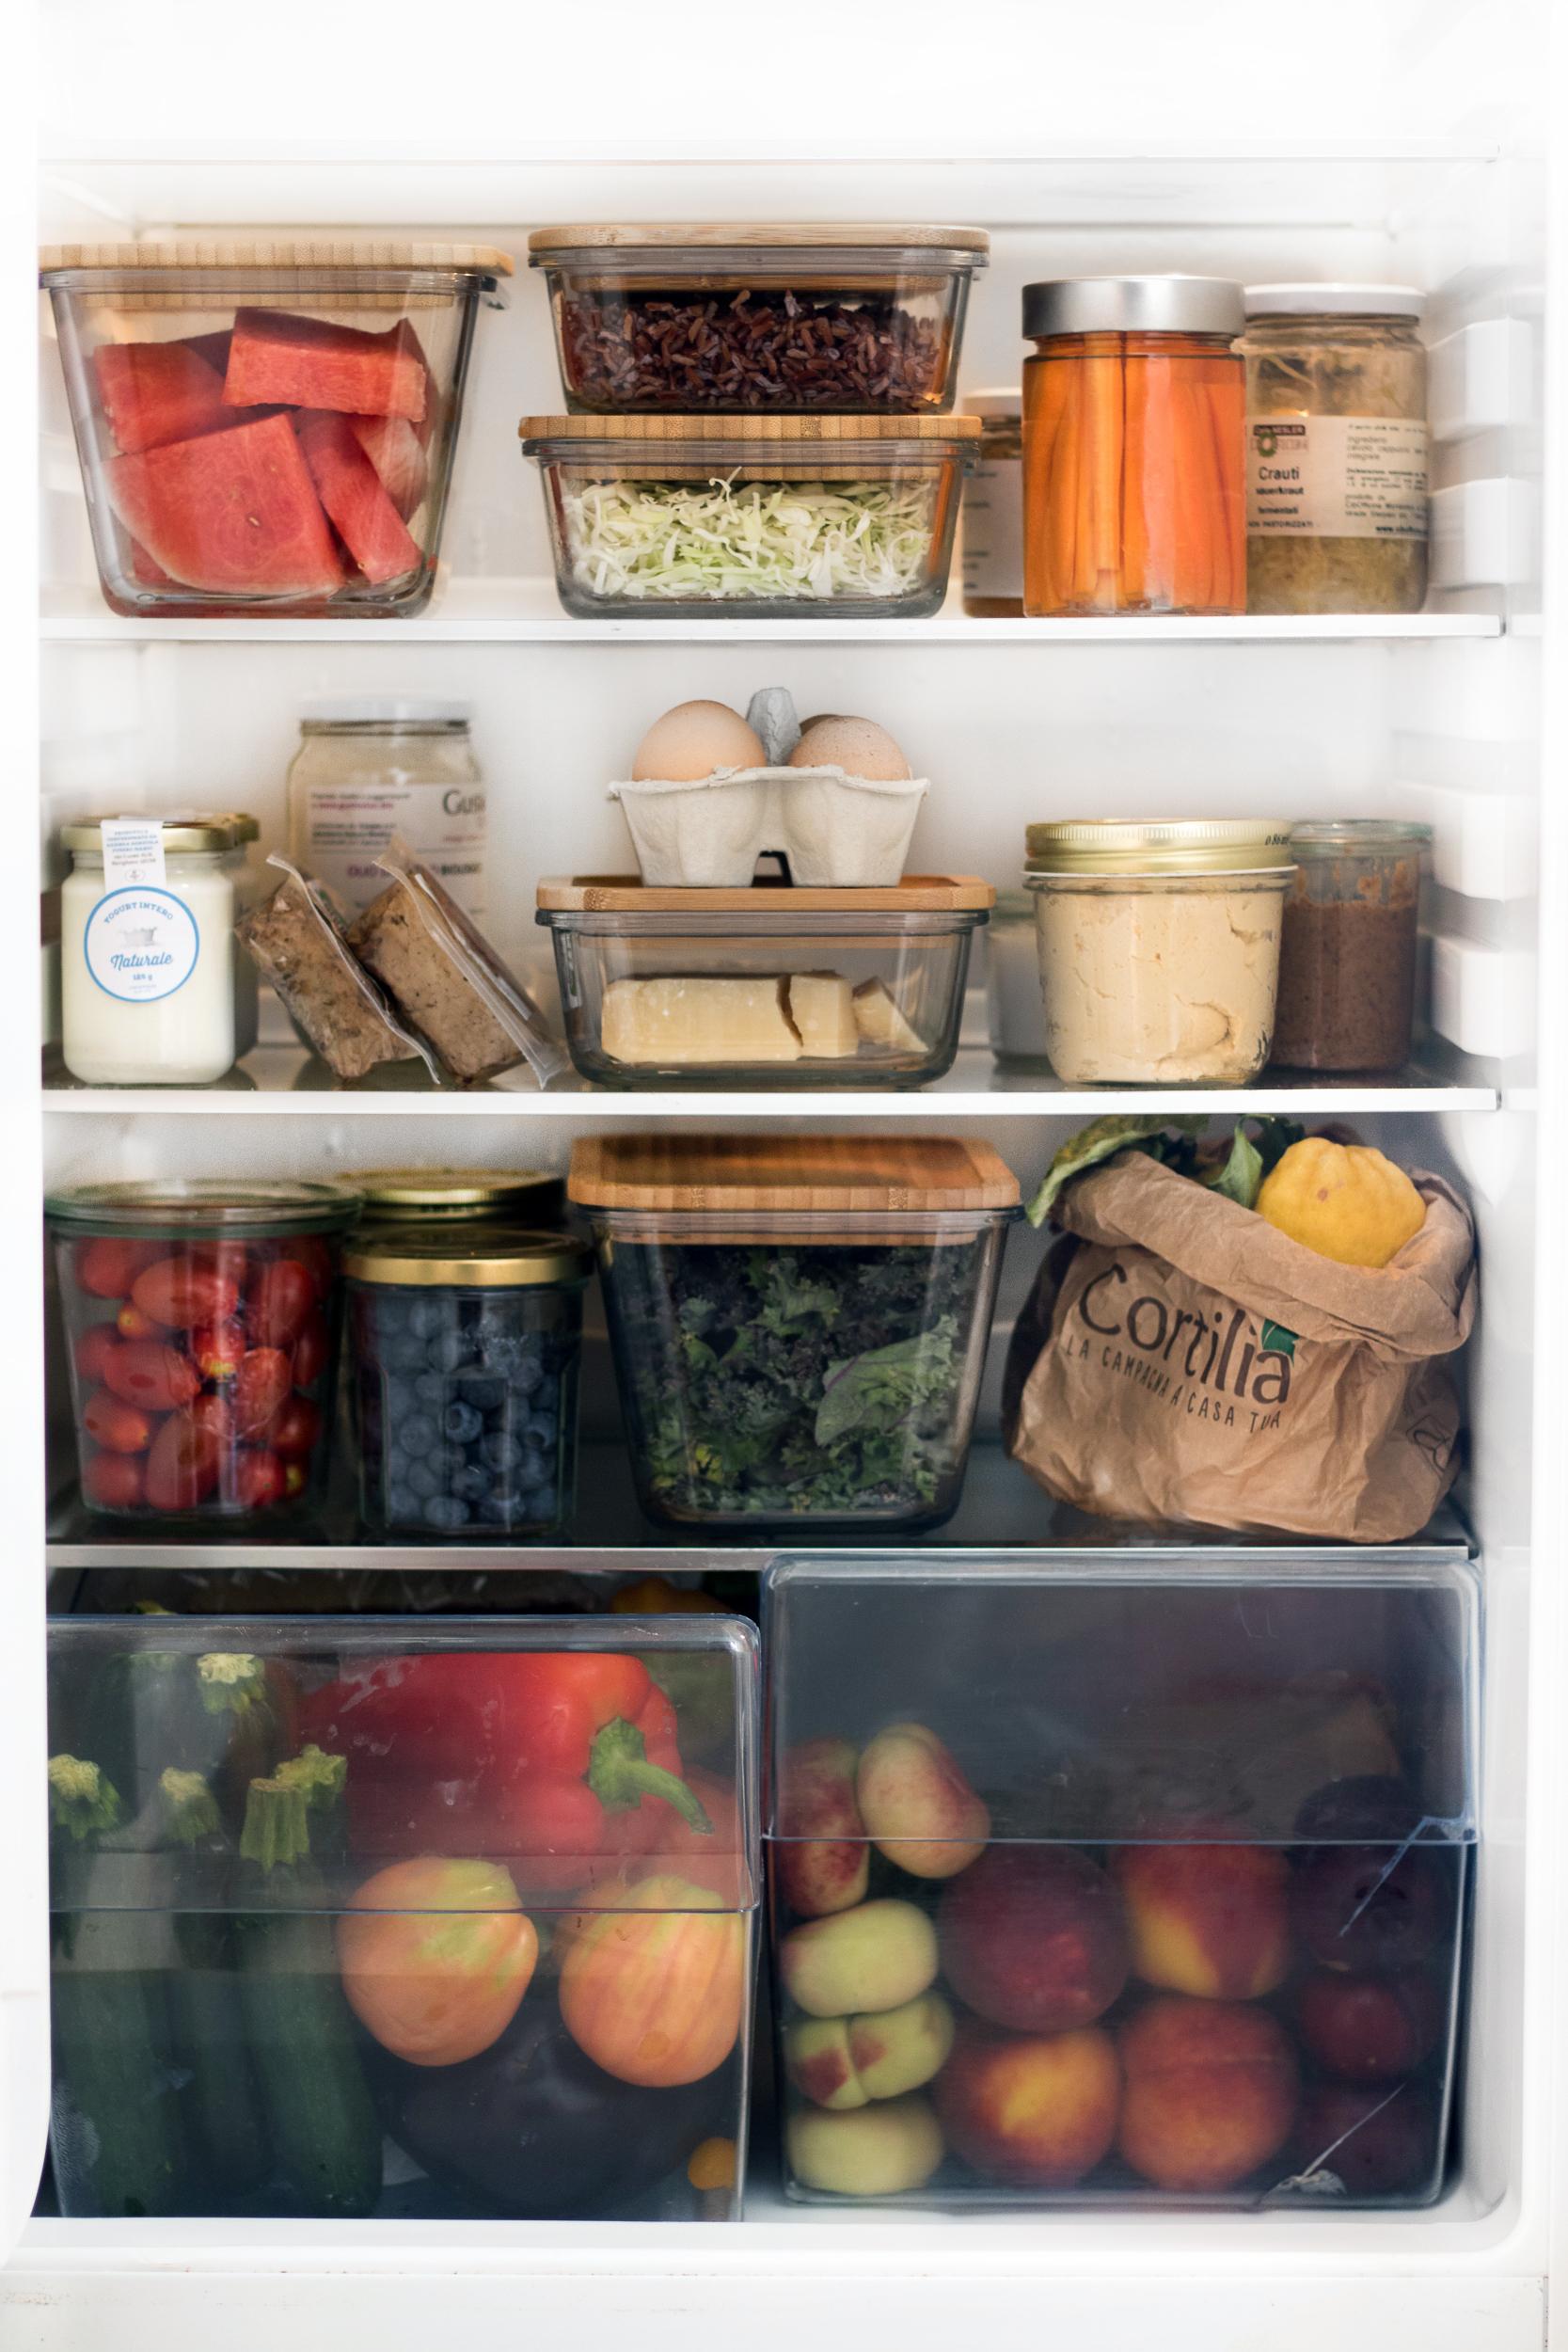 Contenitori Per Organizzare Frigo come organizzare il frigo di casa - good food lab